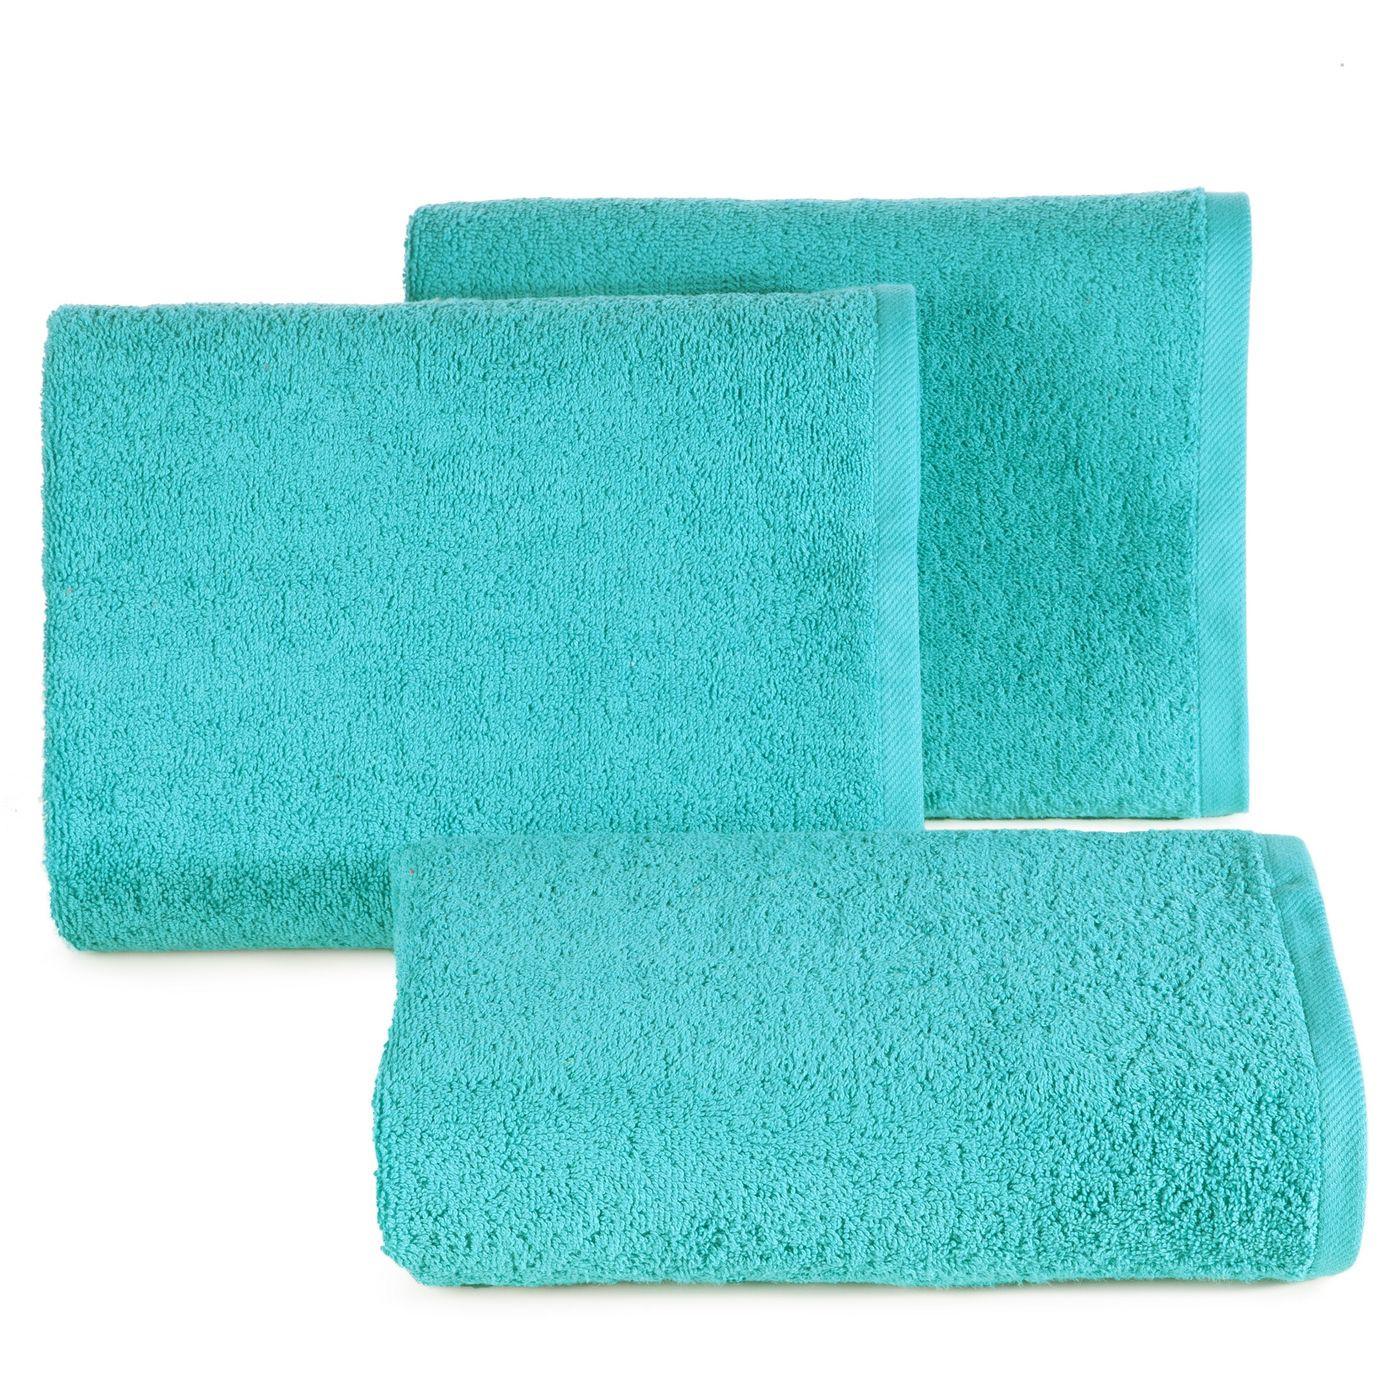 Ręcznik bawełniany gładki turkusowy 50x90 cm